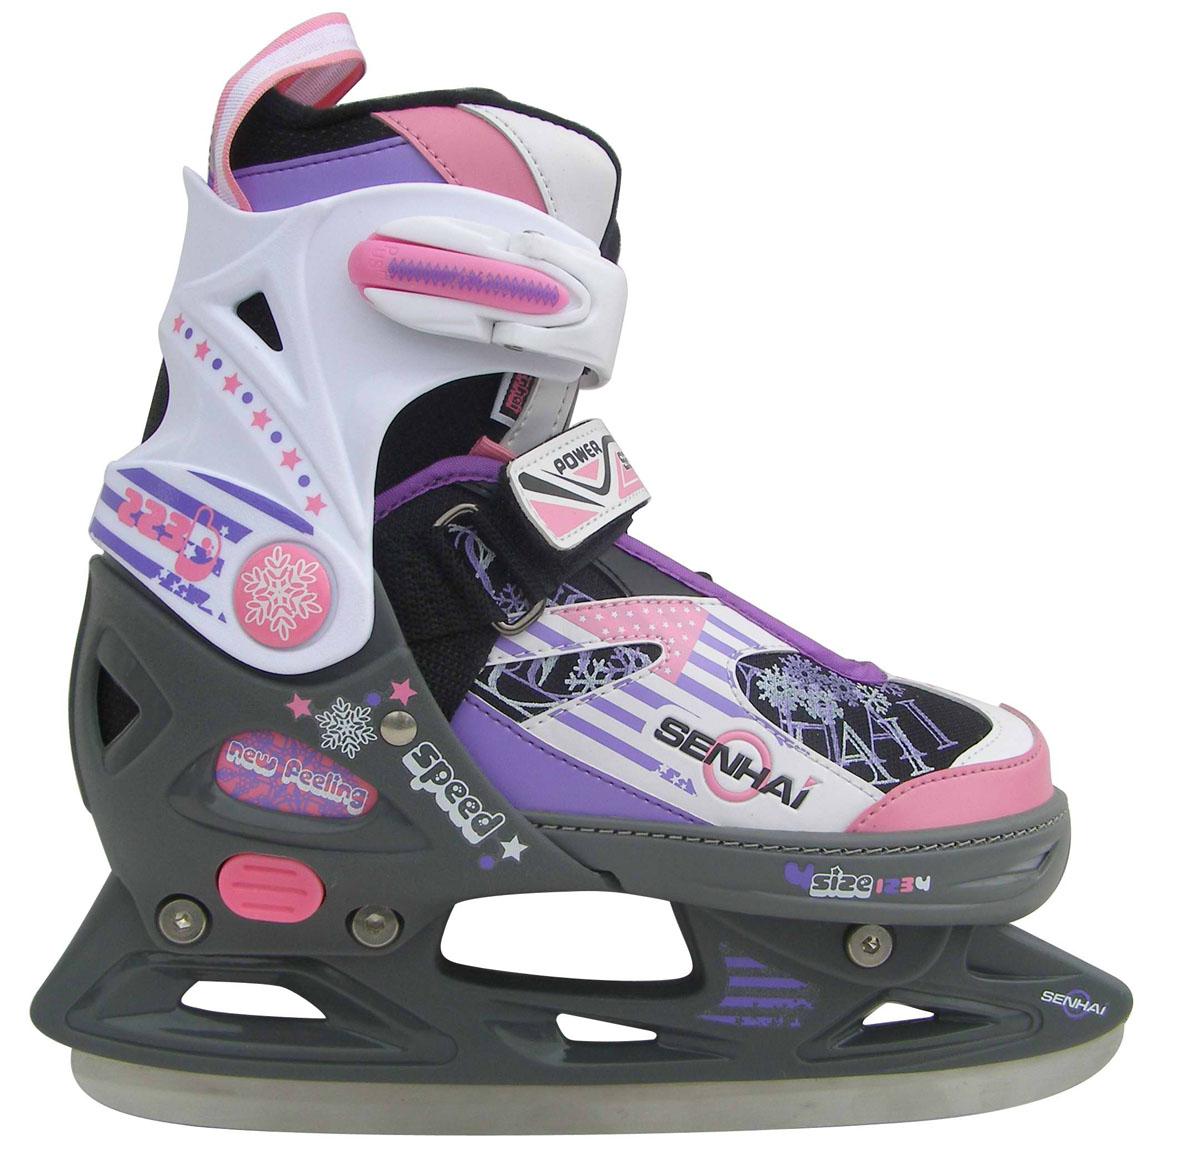 Коньки ледовые детские Action, раздвижные, цвет: фиолетовый, розовый, белый. PW-226. Размер 33/36